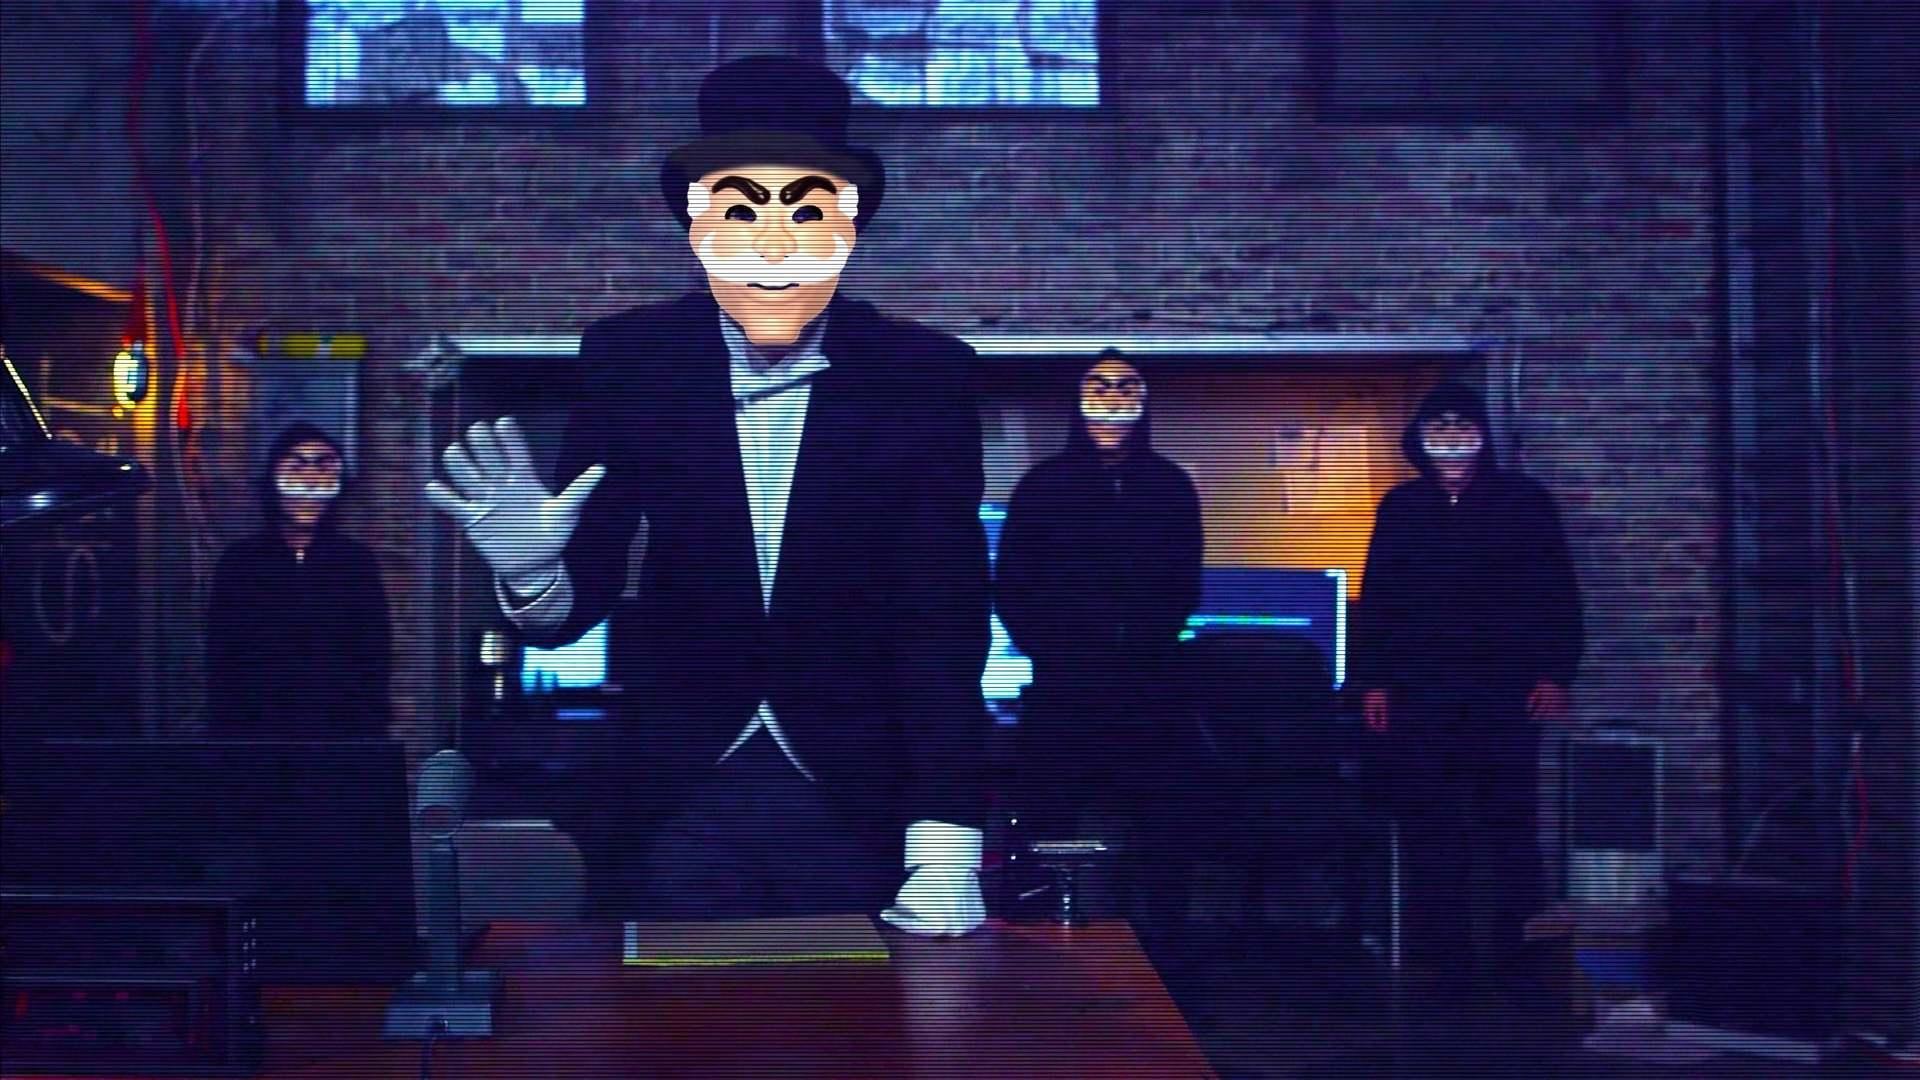 Кадры из фильма Мистер Робот Mr. Robot 2015